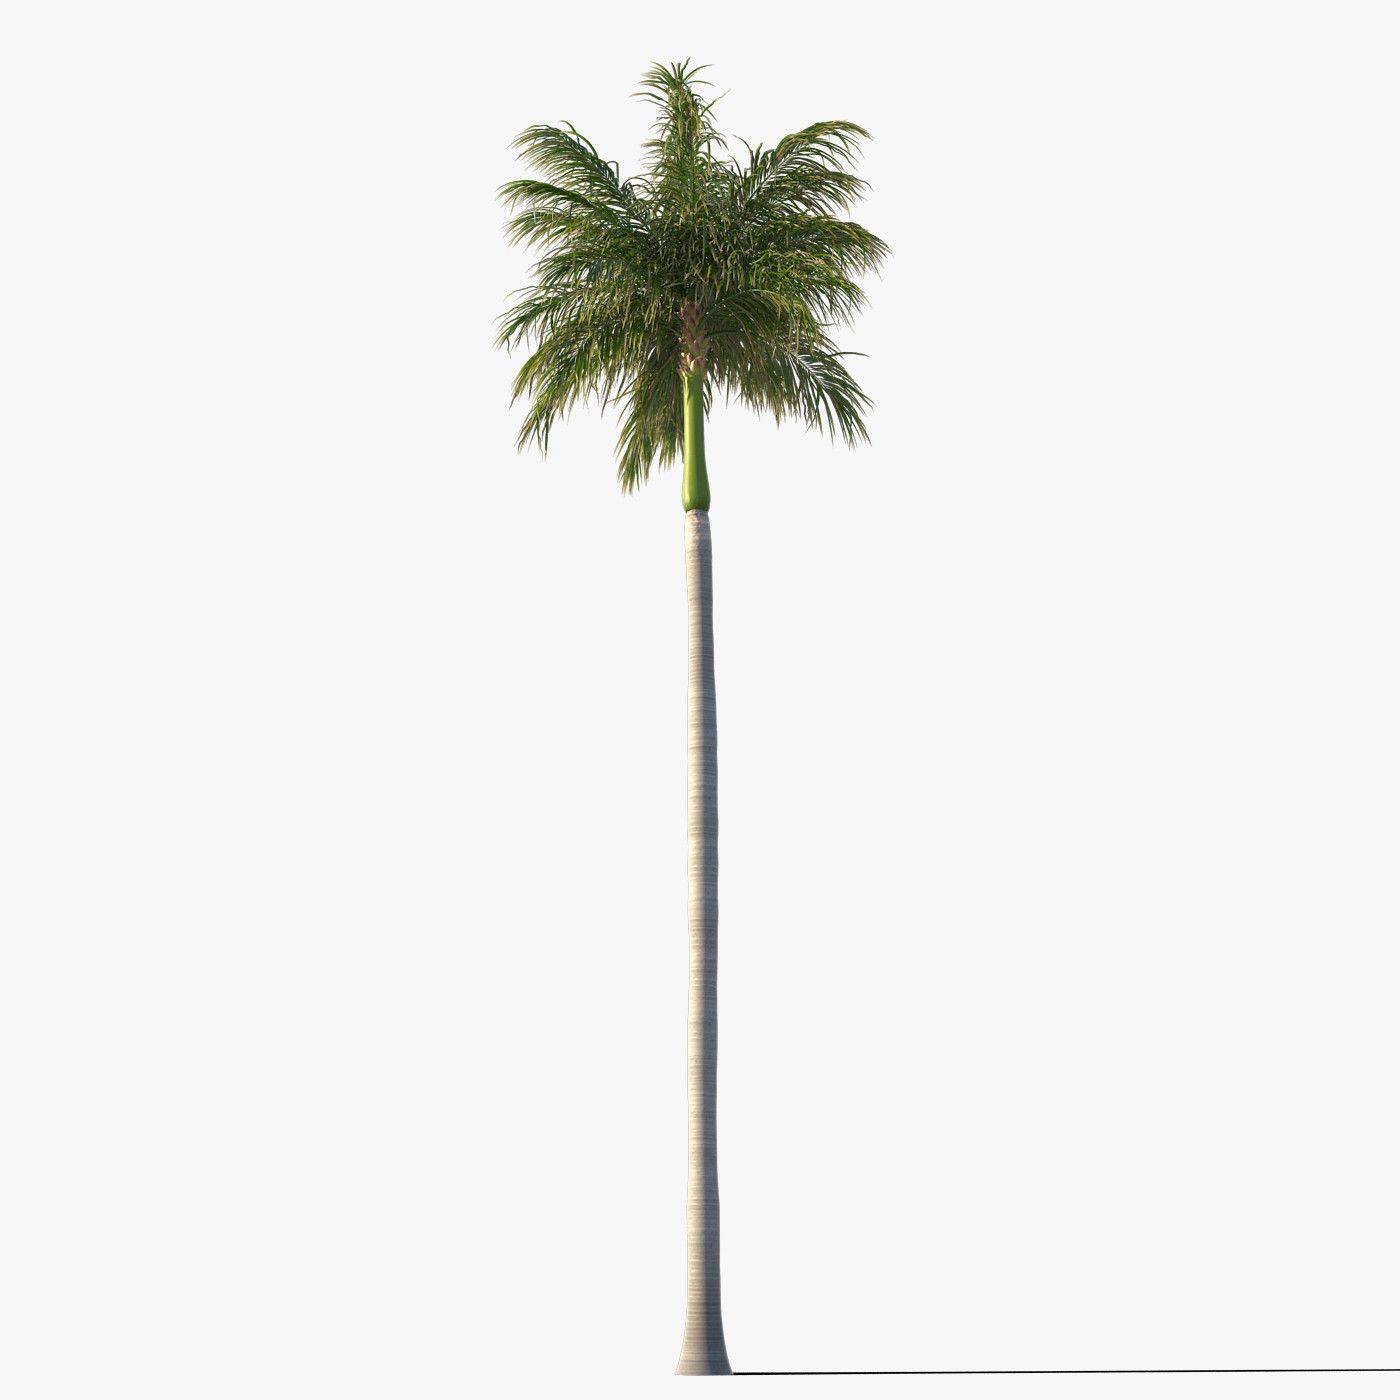 royal palm tree 3d model | Florals | Palm trees, 3d